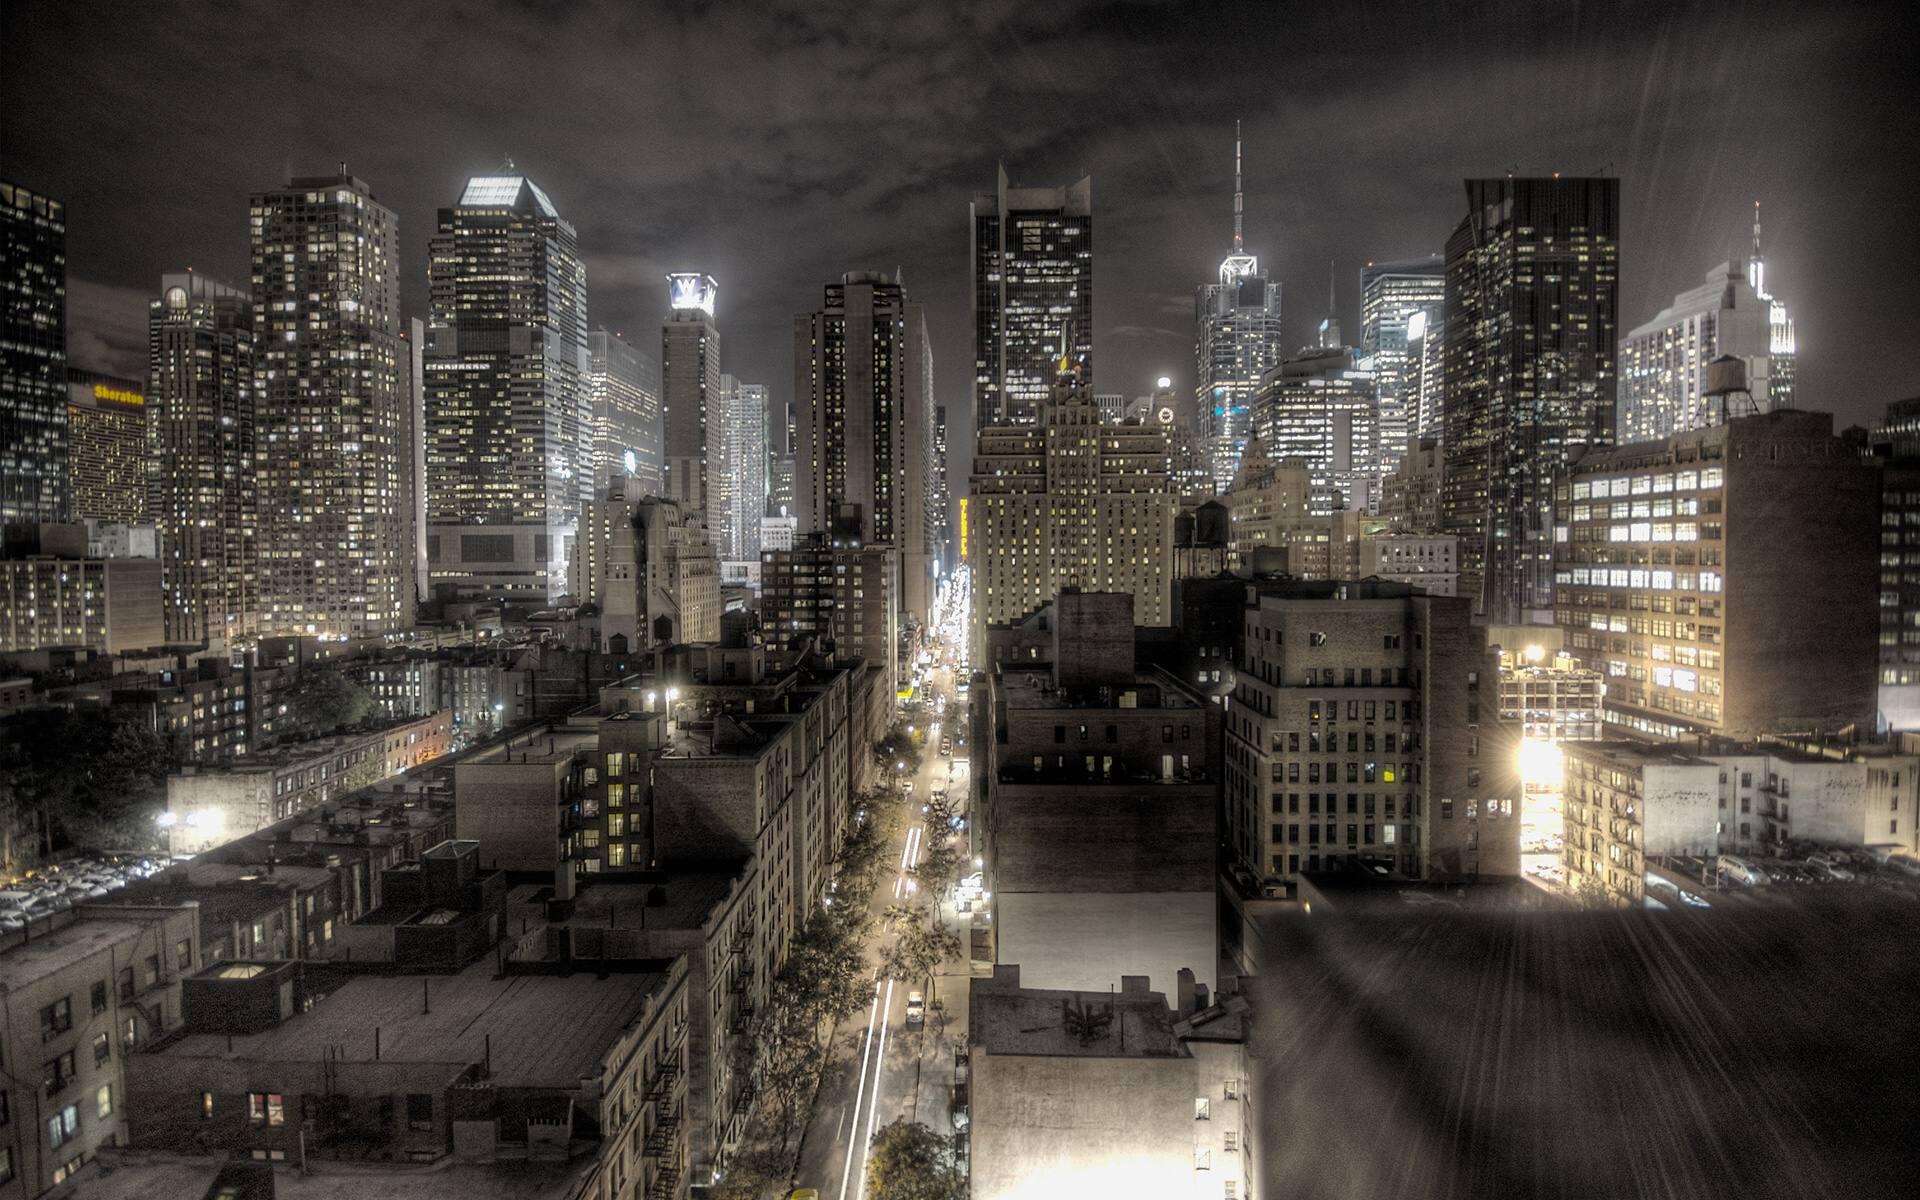 013 - New York - USA